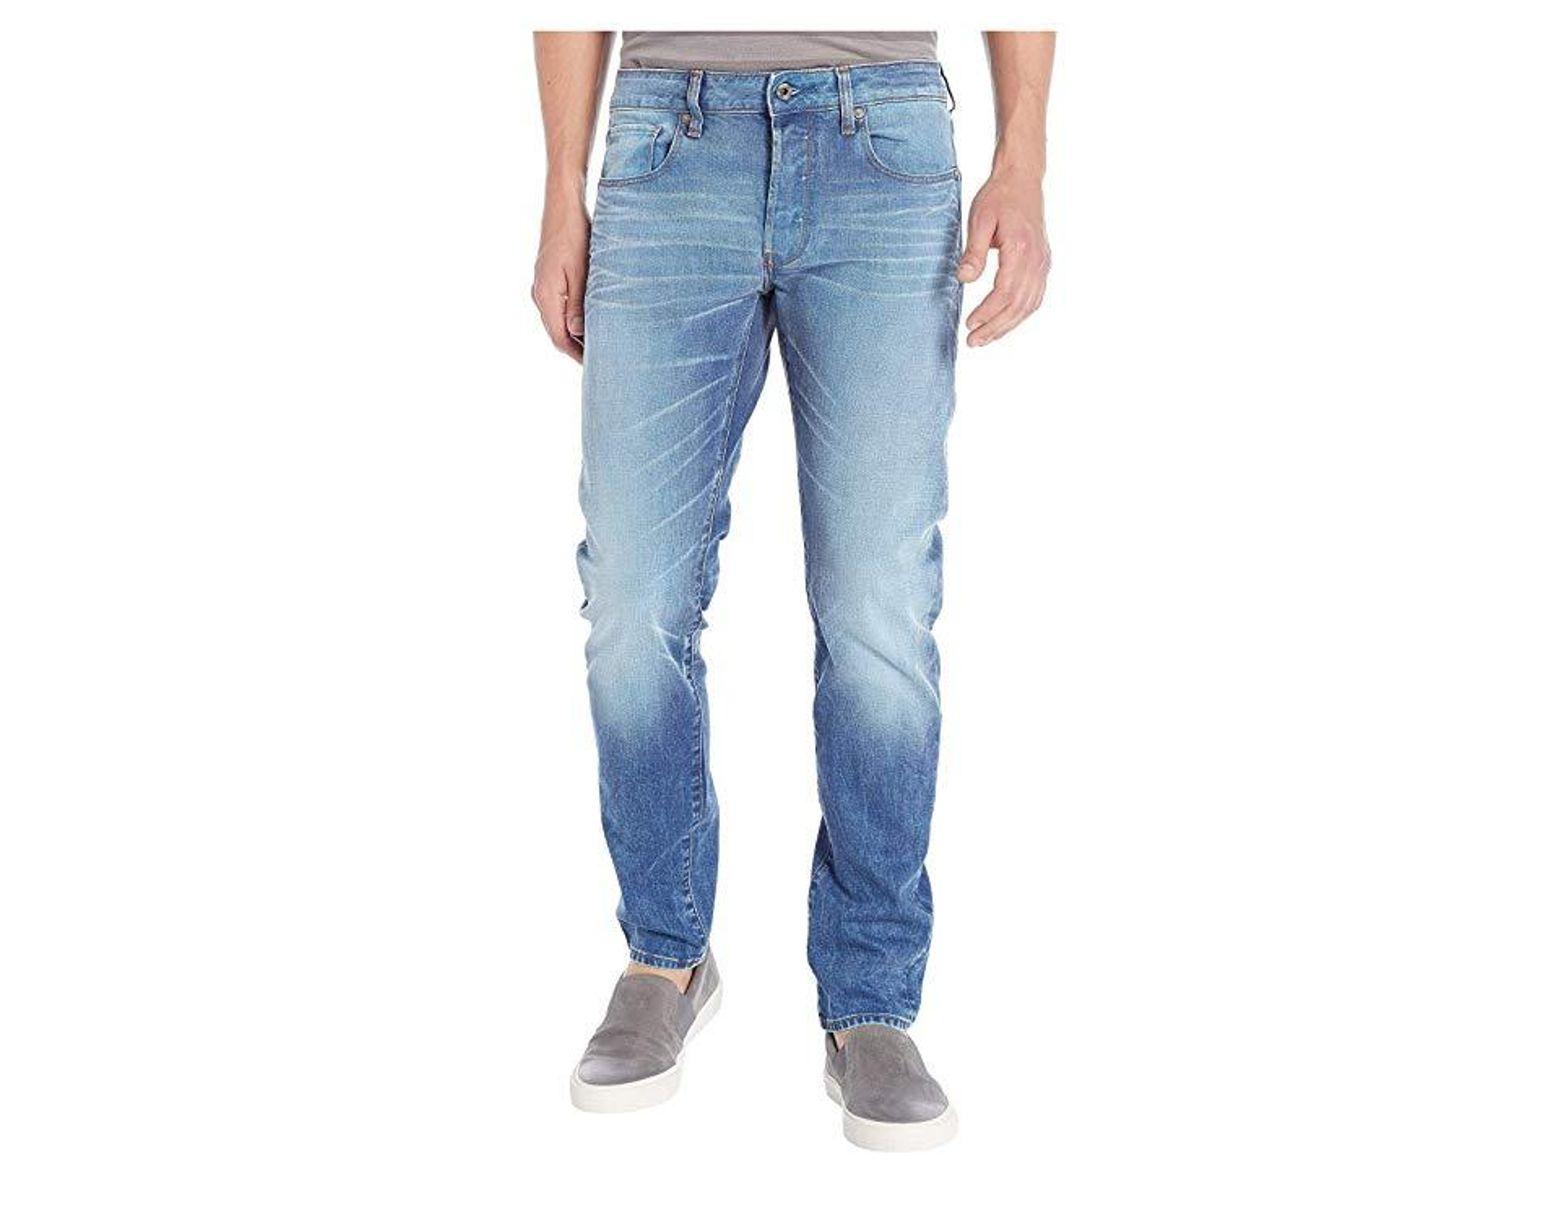 fc10547fc66 G-Star RAW 3301 Slim In Itano Stretch Denim Light Aged (itano Stretch Denim  Light Aged) Jeans in Blue for Men - Save 9% - Lyst